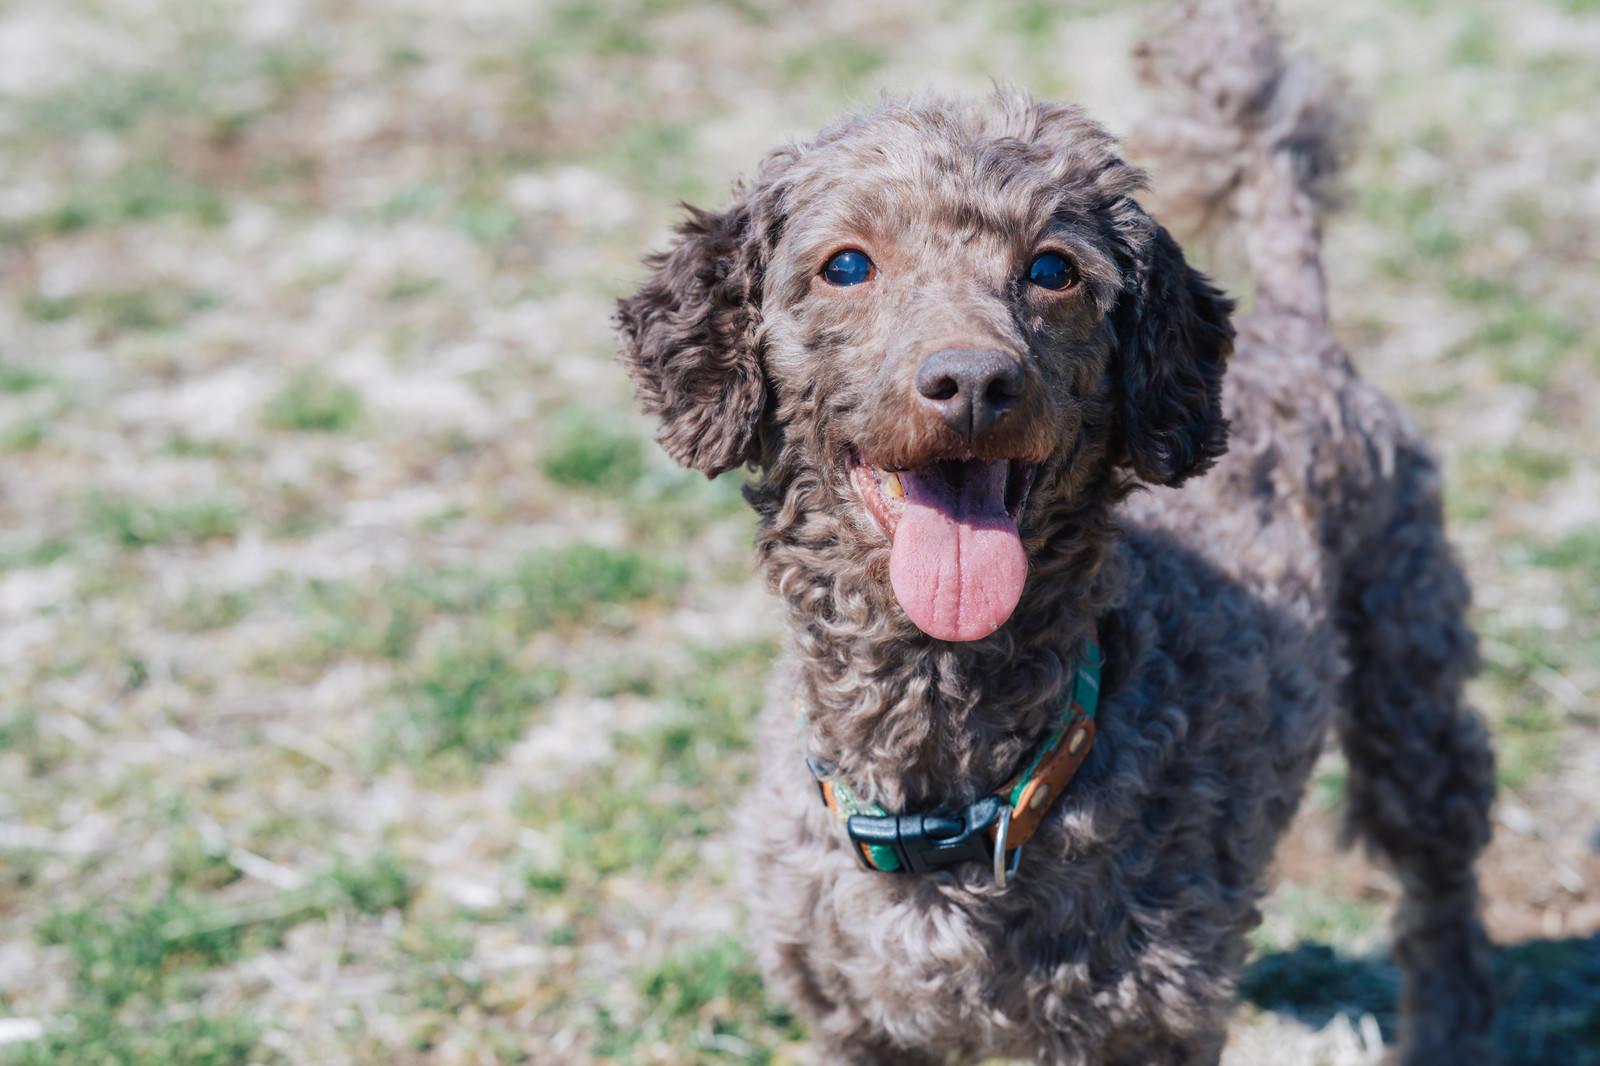 「つぶらな瞳で飼い主を見つめる犬」の写真